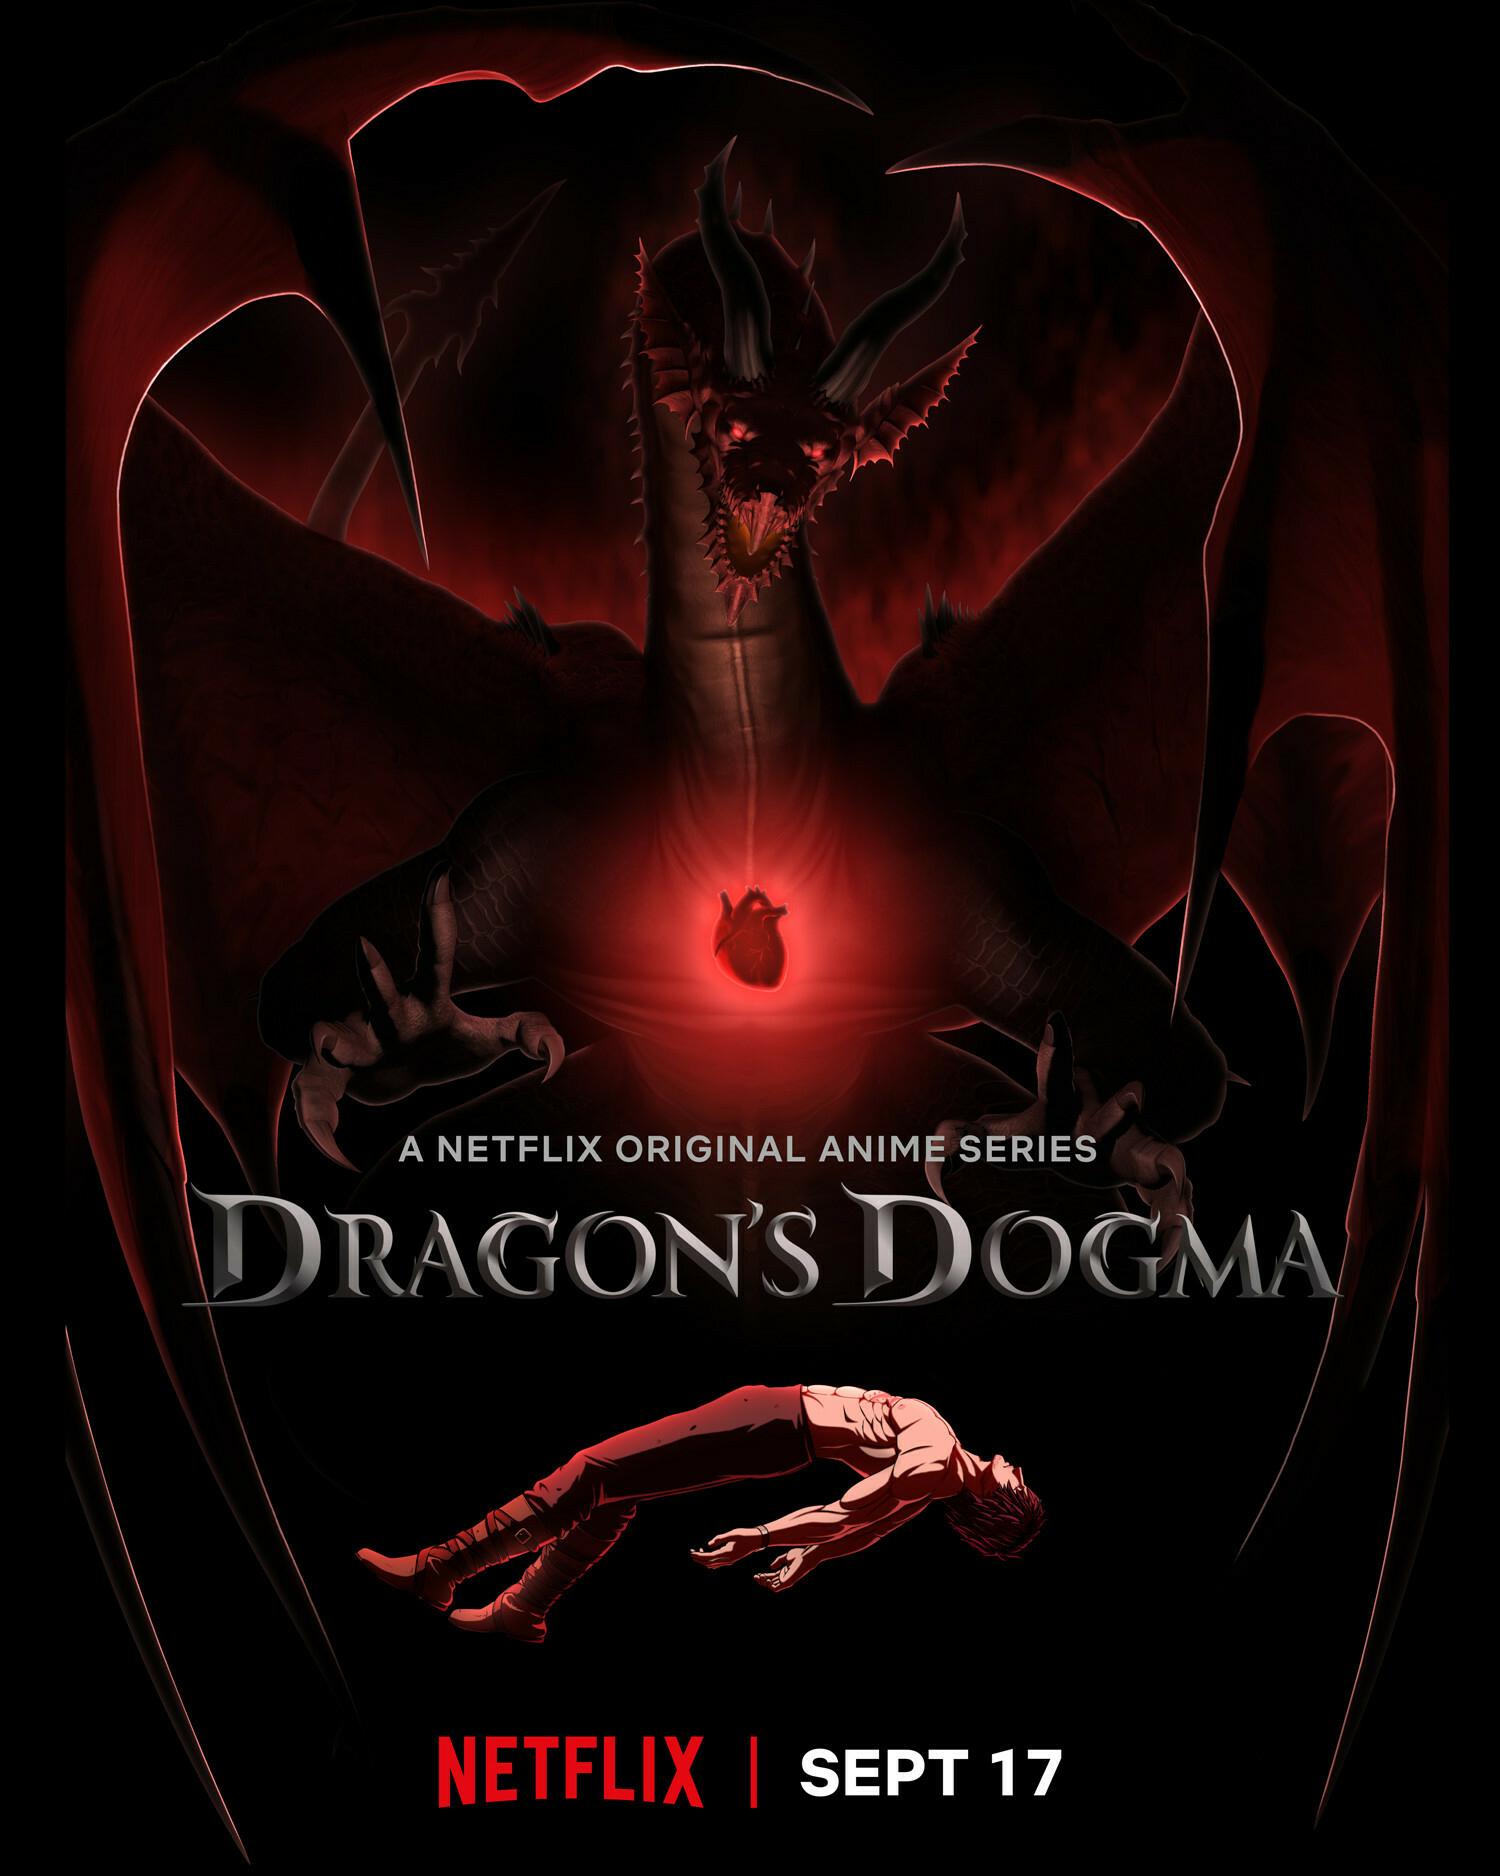 Постер и кадры аниме-сериала Dragon's Dogma от Netflix 2